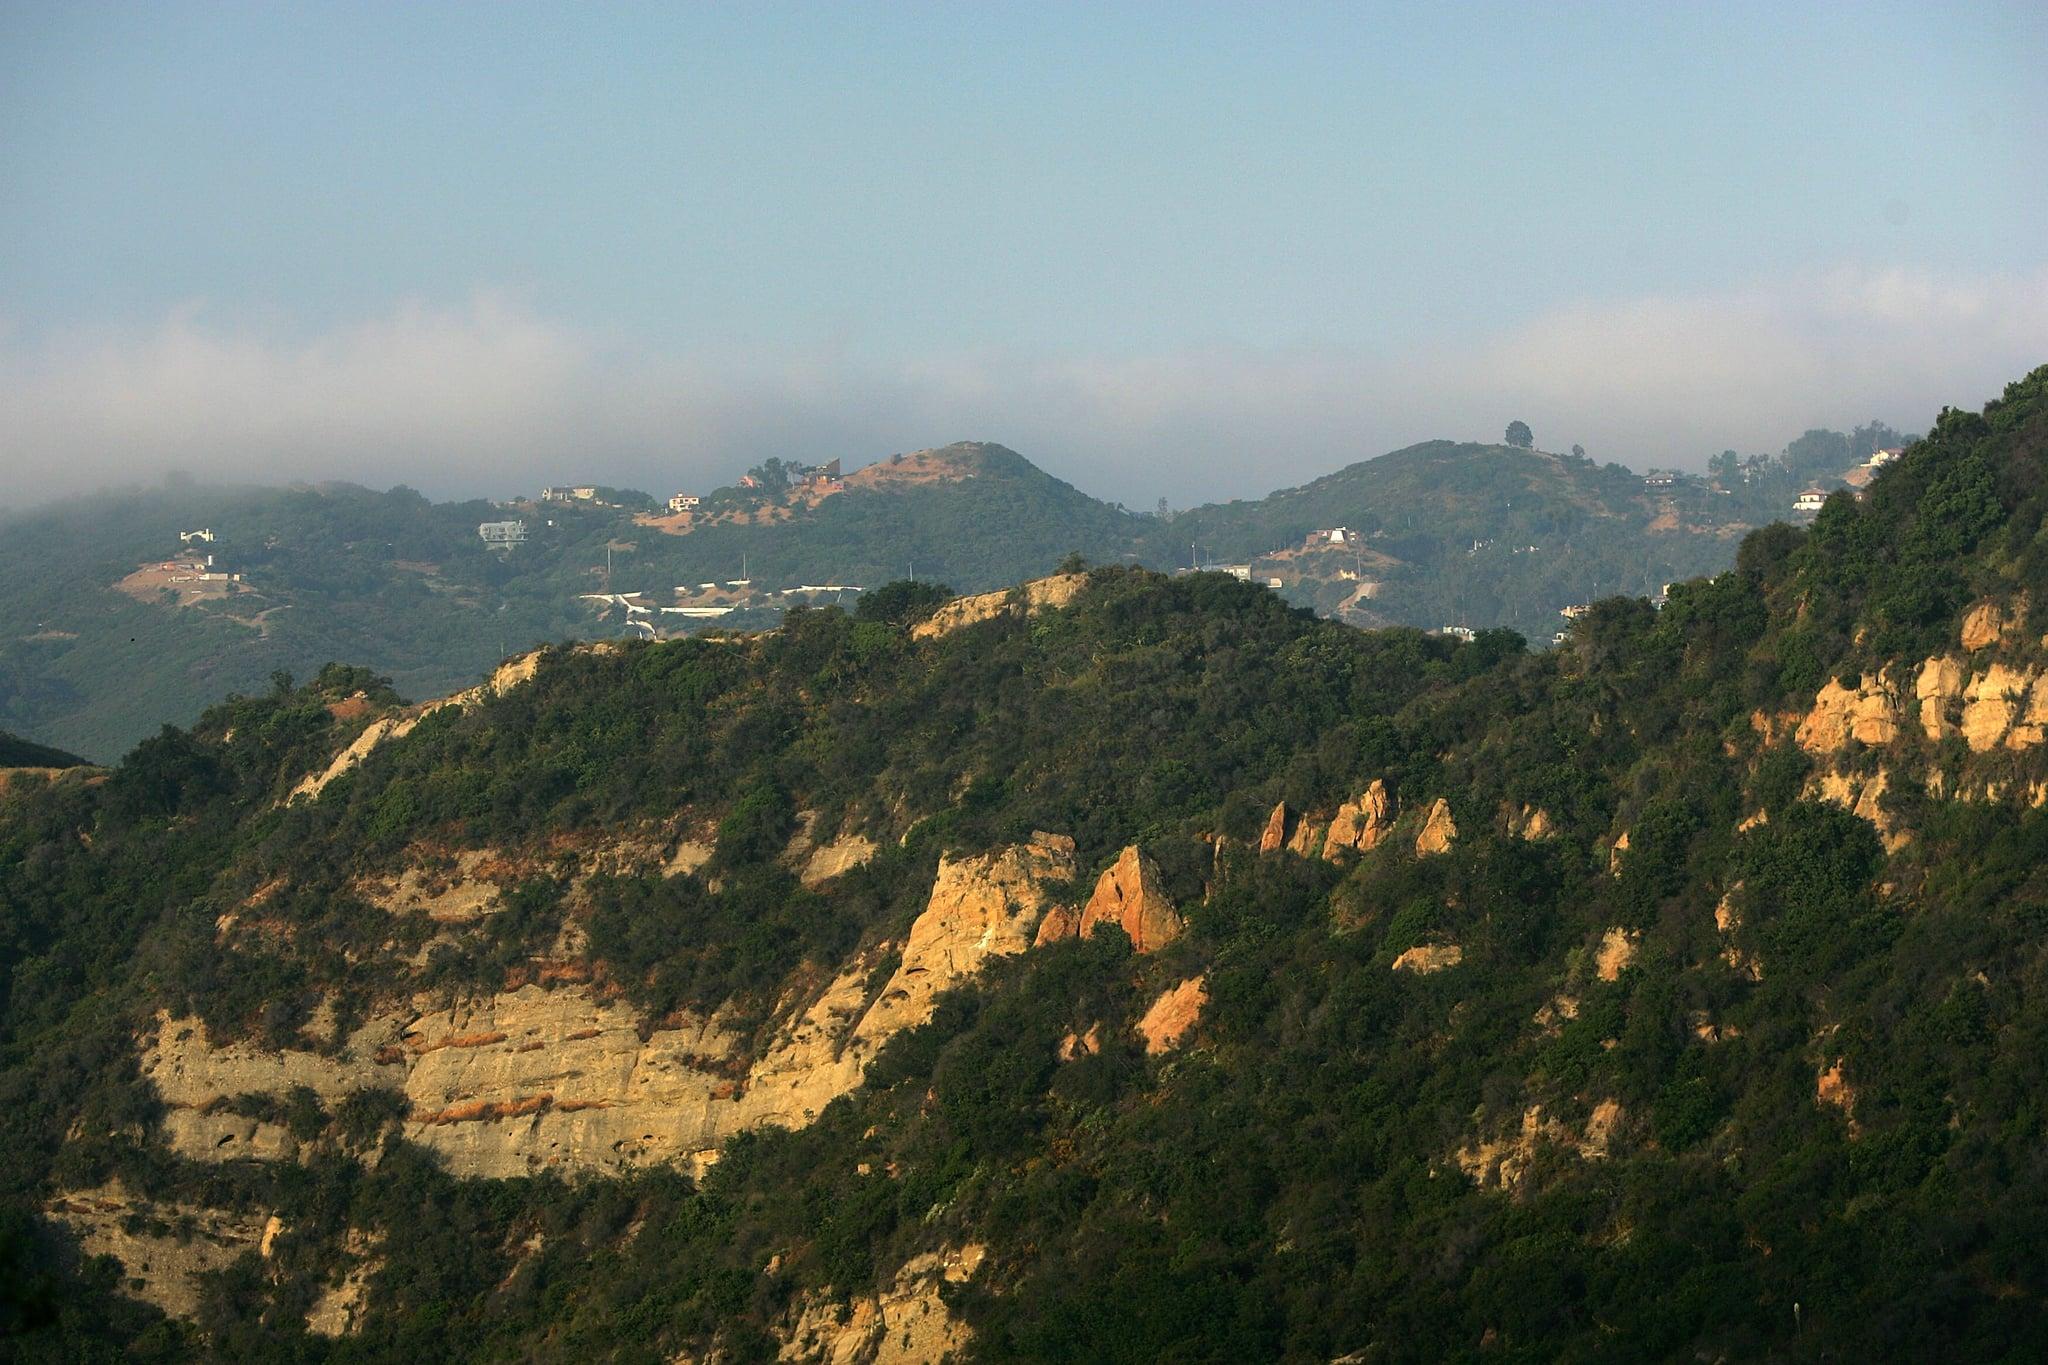 Santa Ynez Canyon in Topanga State Park<br />